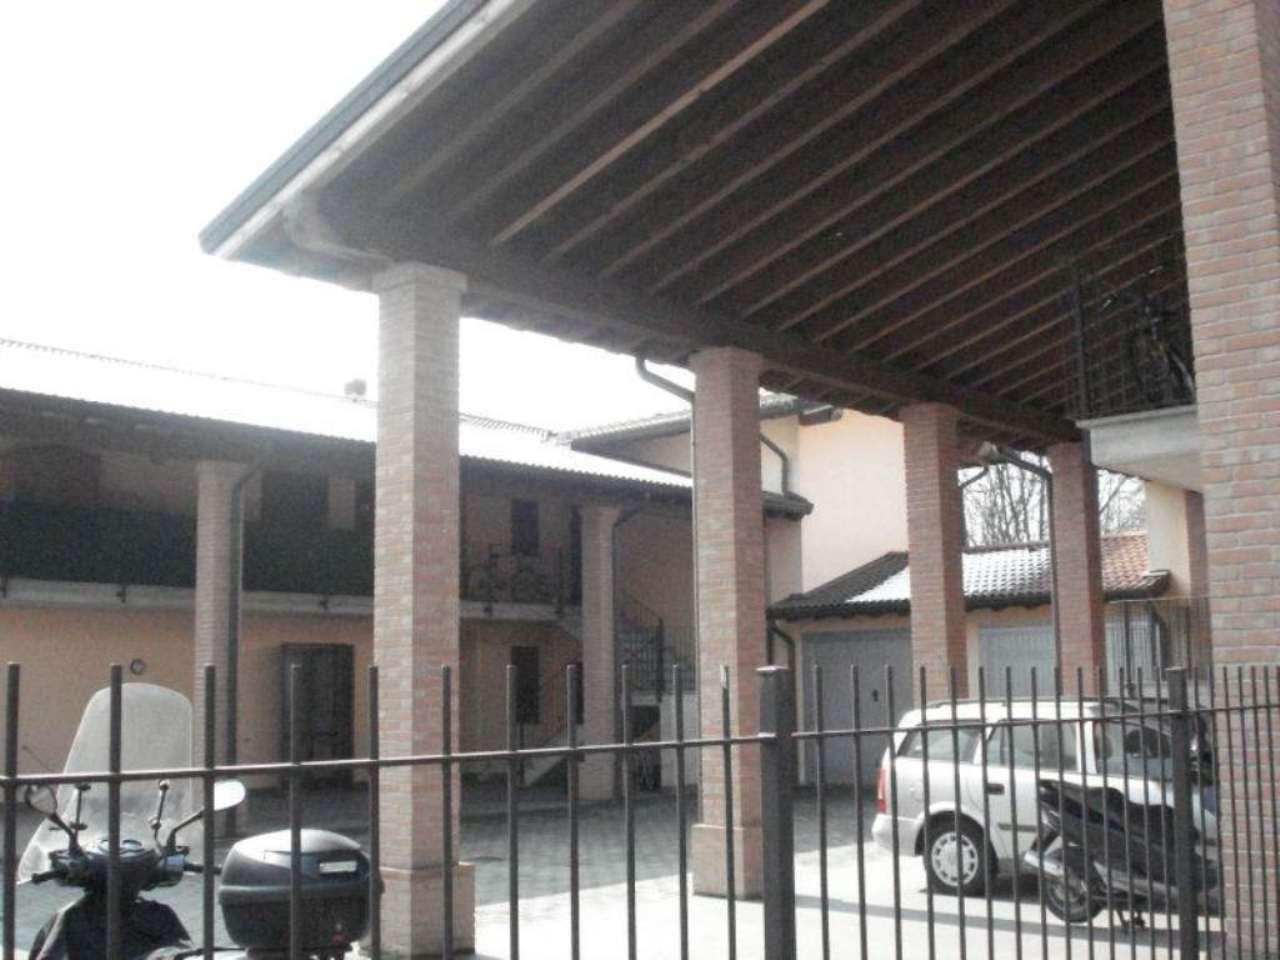 Palazzo Pignano Vendita APPARTAMENTO Immagine 3